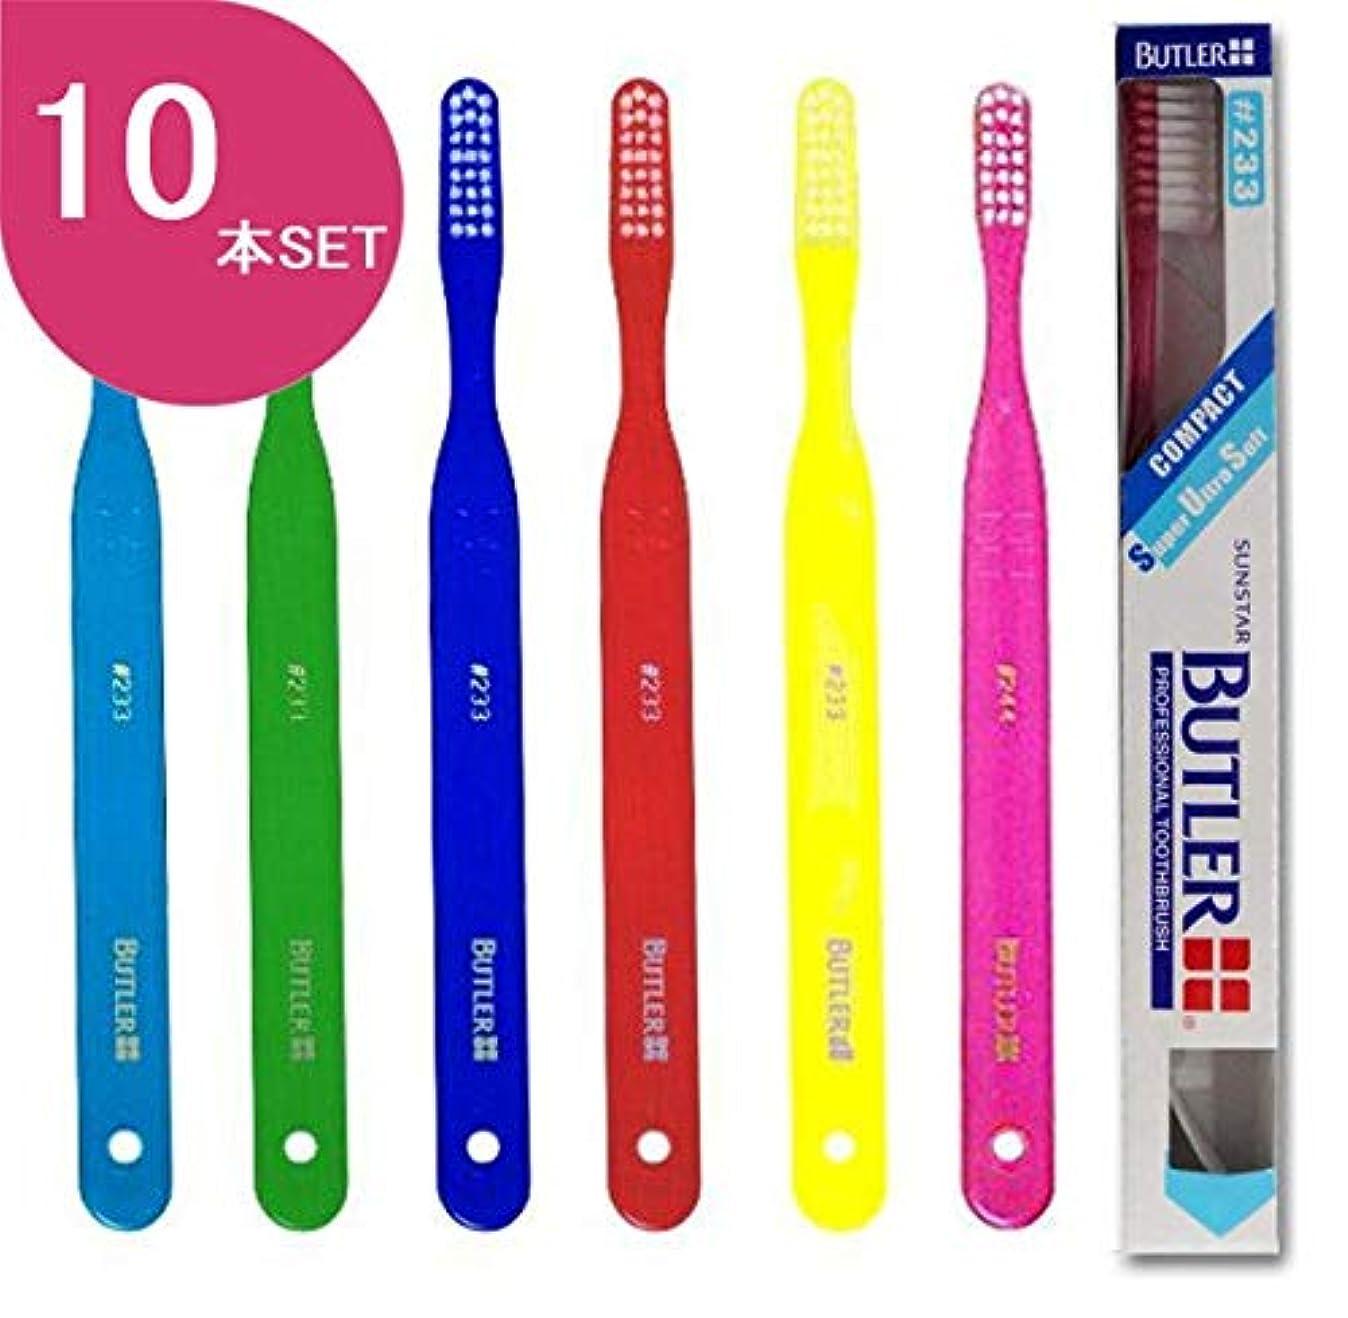 人形けん引折サンスター バトラー 歯ブラシ 10本 #233